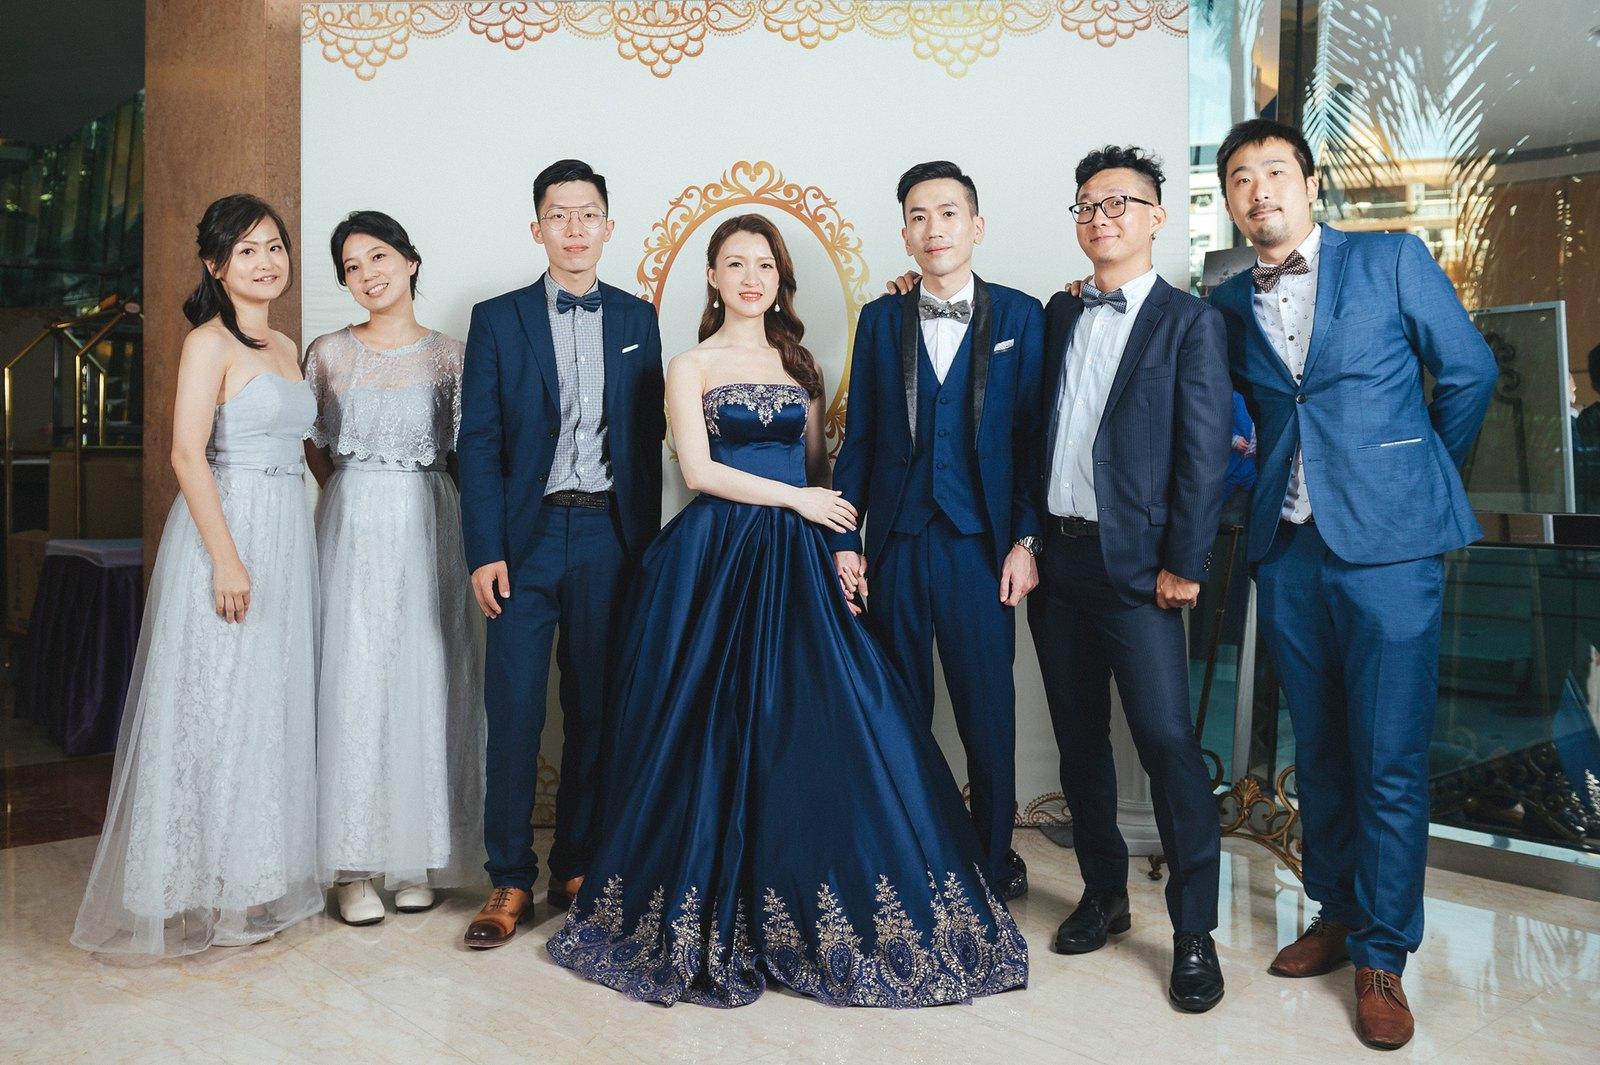 【婚攝】Siang & Joanne / 頤品大飯店 新店北新館